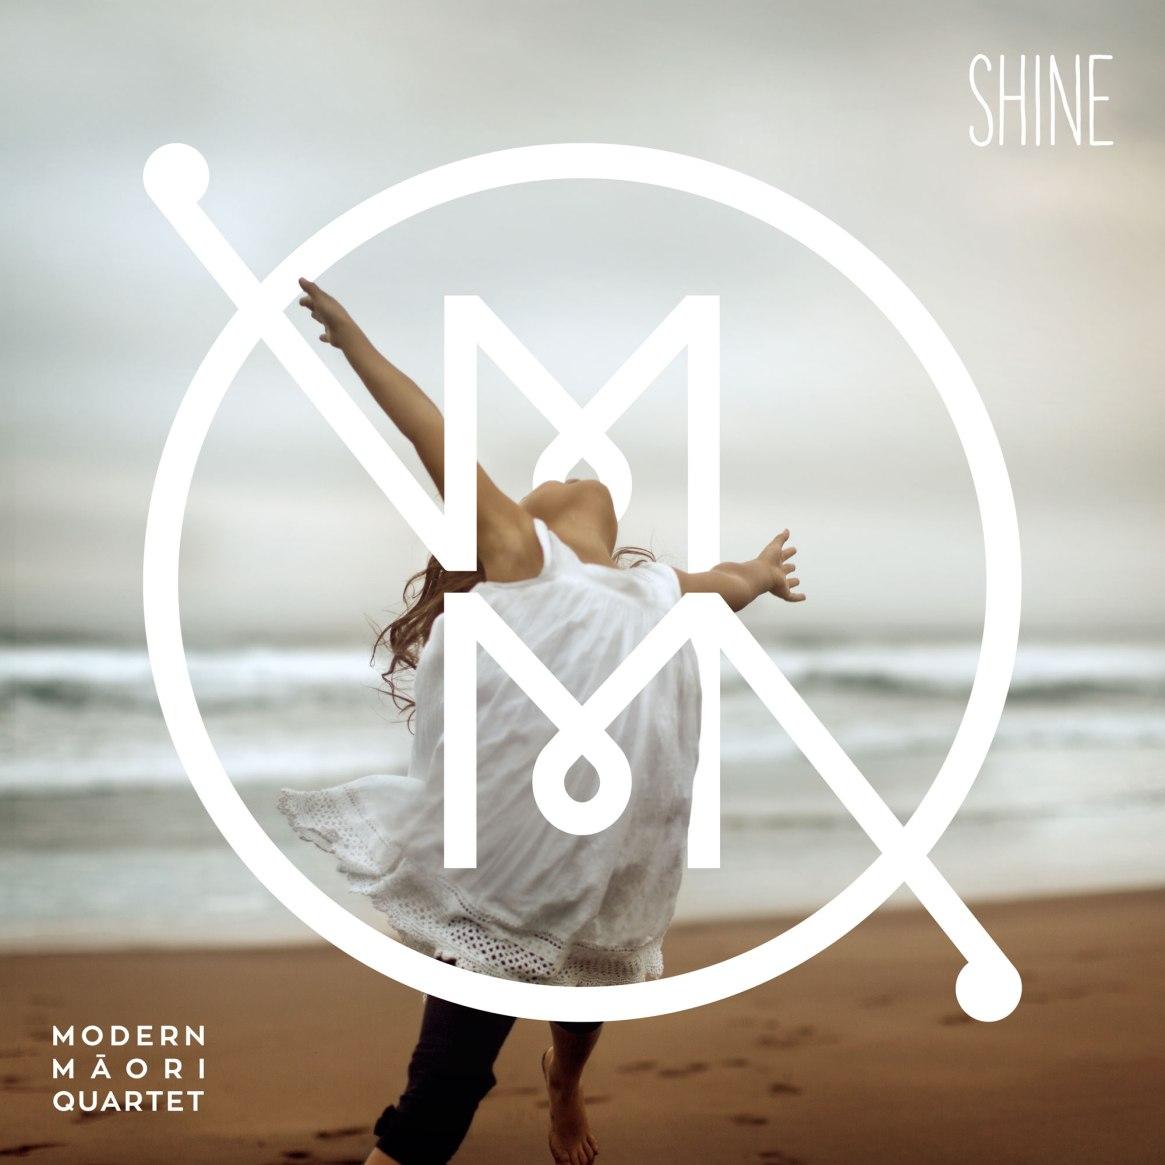 MMQ Shine album cover